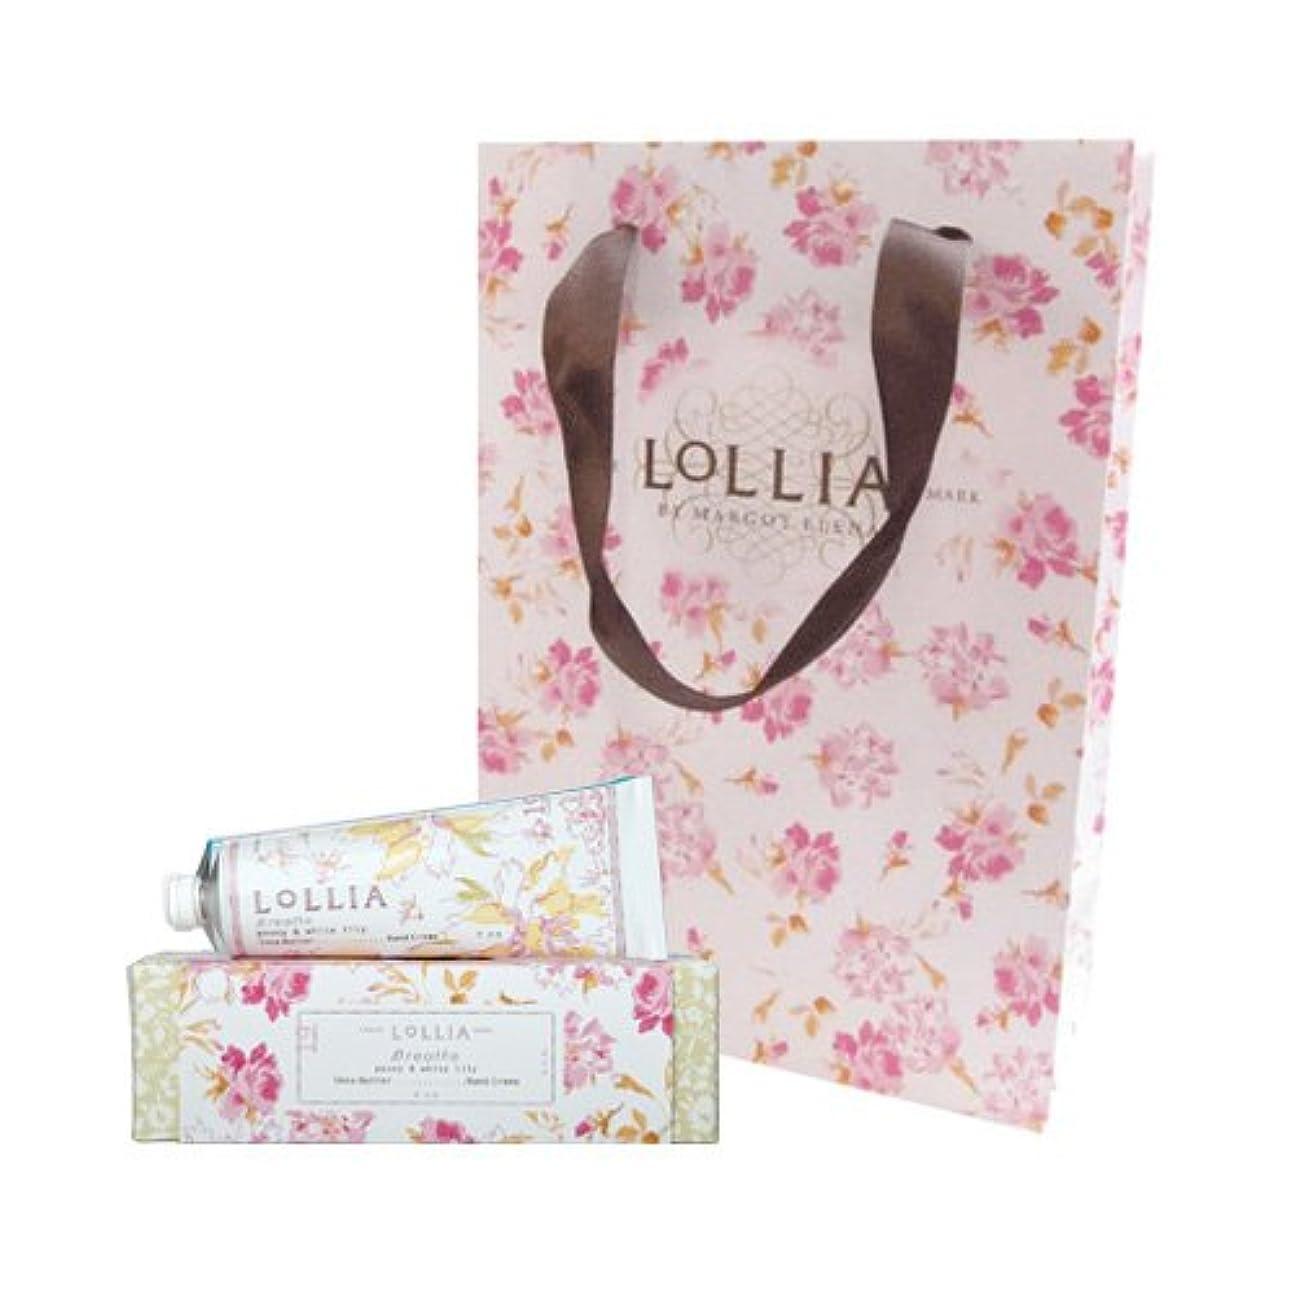 締め切り二年生首尾一貫したロリア(LoLLIA) ハンドクリーム Breath 35g (ピオニーとホワイトリリーの甘くさわやかな香り) ショッパー付